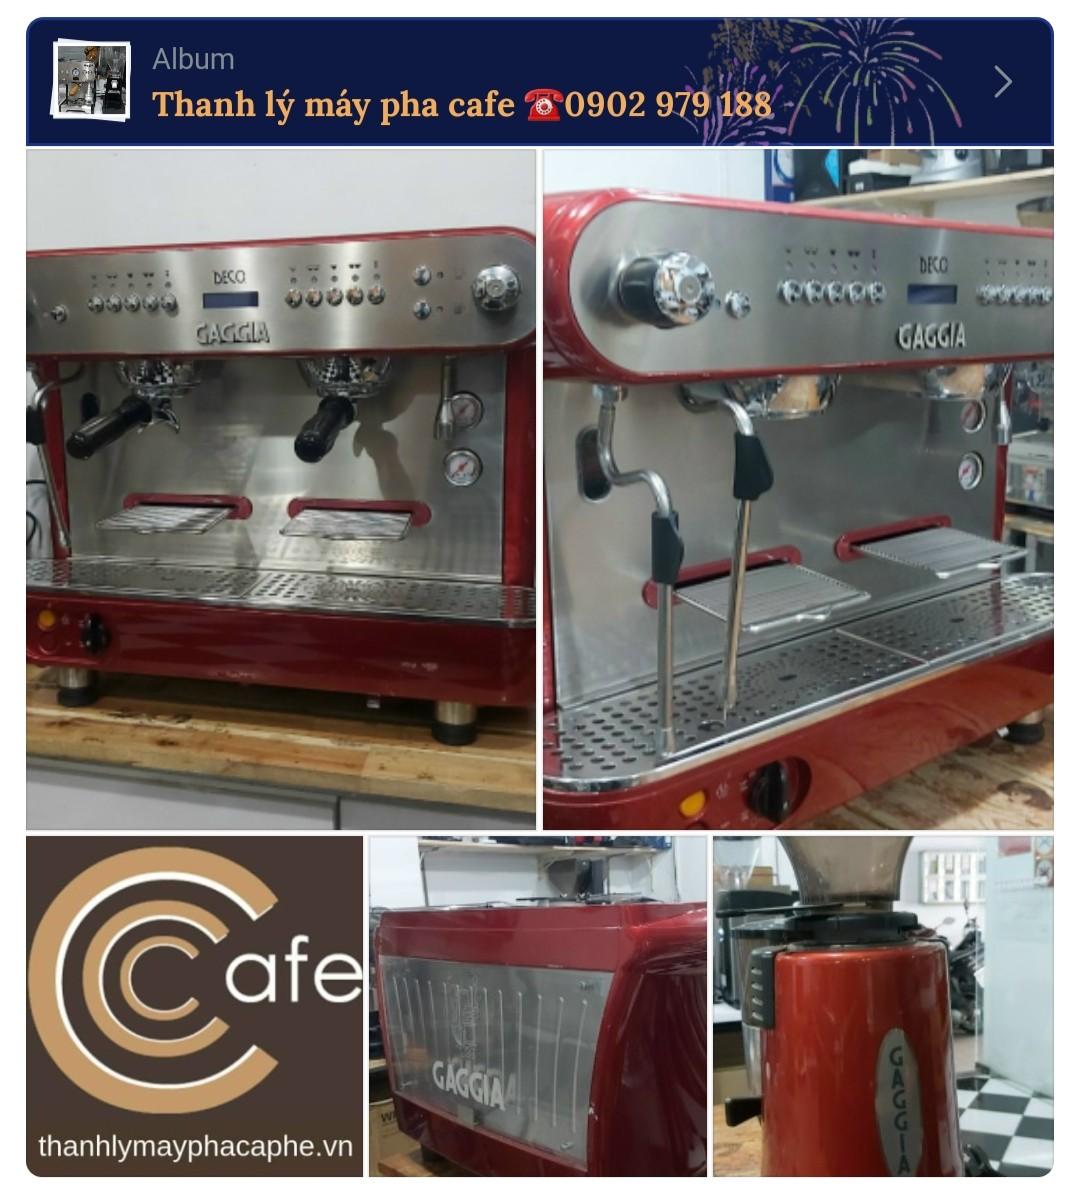 [GIÁ RẺ HƠN 50%] Máy pha cà phê Gaggia cũ Deco D 2 group tặng kèm máy xay nguyên bộ màu đỏ.